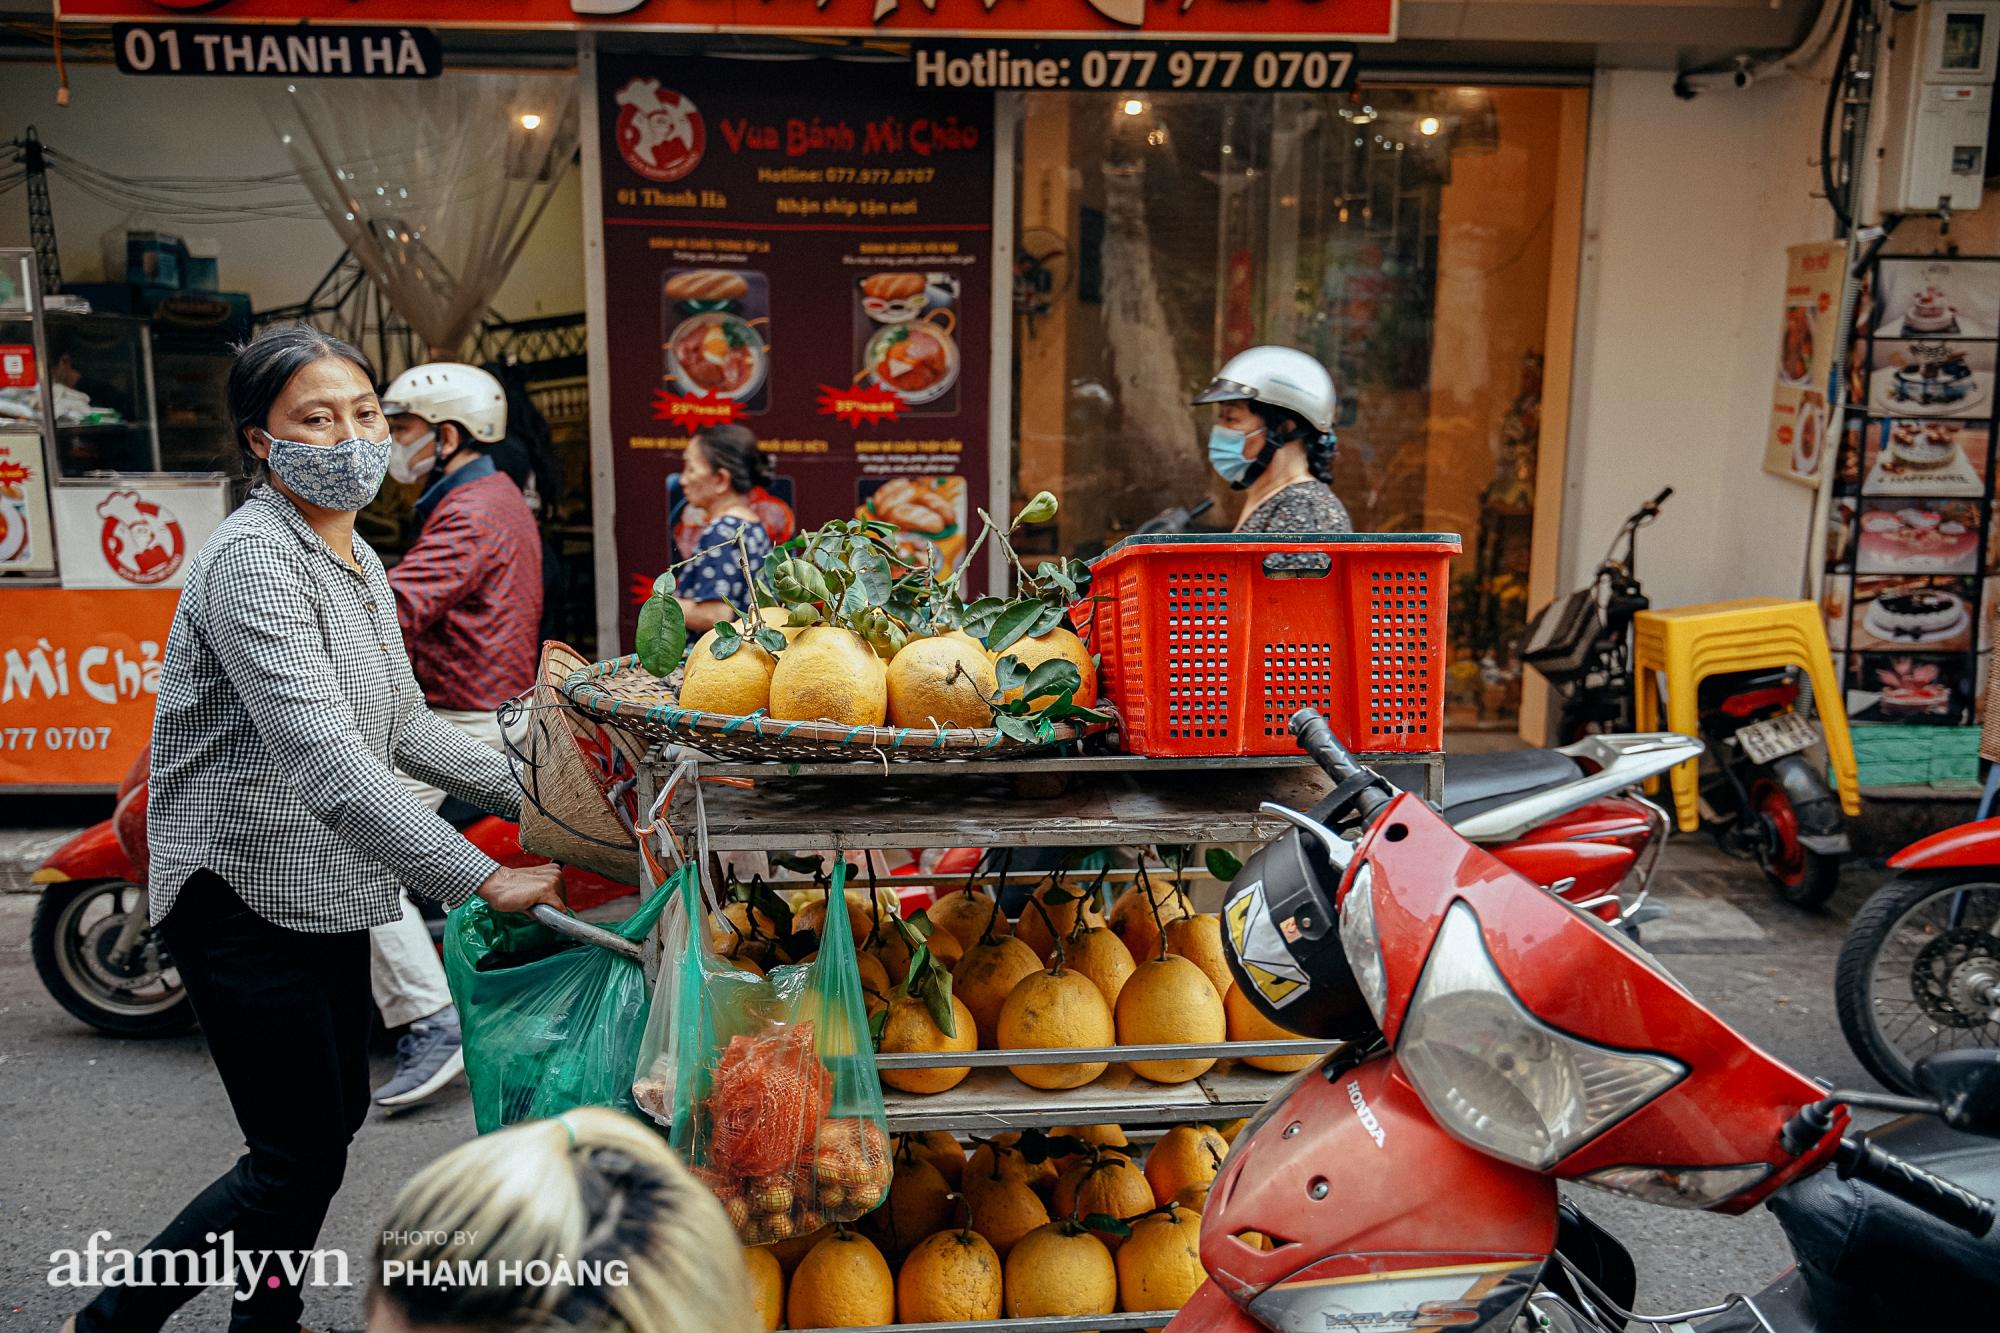 Ngày cuối năm bình yên trong ngõ chợ Thanh Hà - ngôi chợ lâu đời nhất phố cổ được giới nhà giàu chuộng mua vì toàn đồ chất lượng tươi ngon - Ảnh 8.